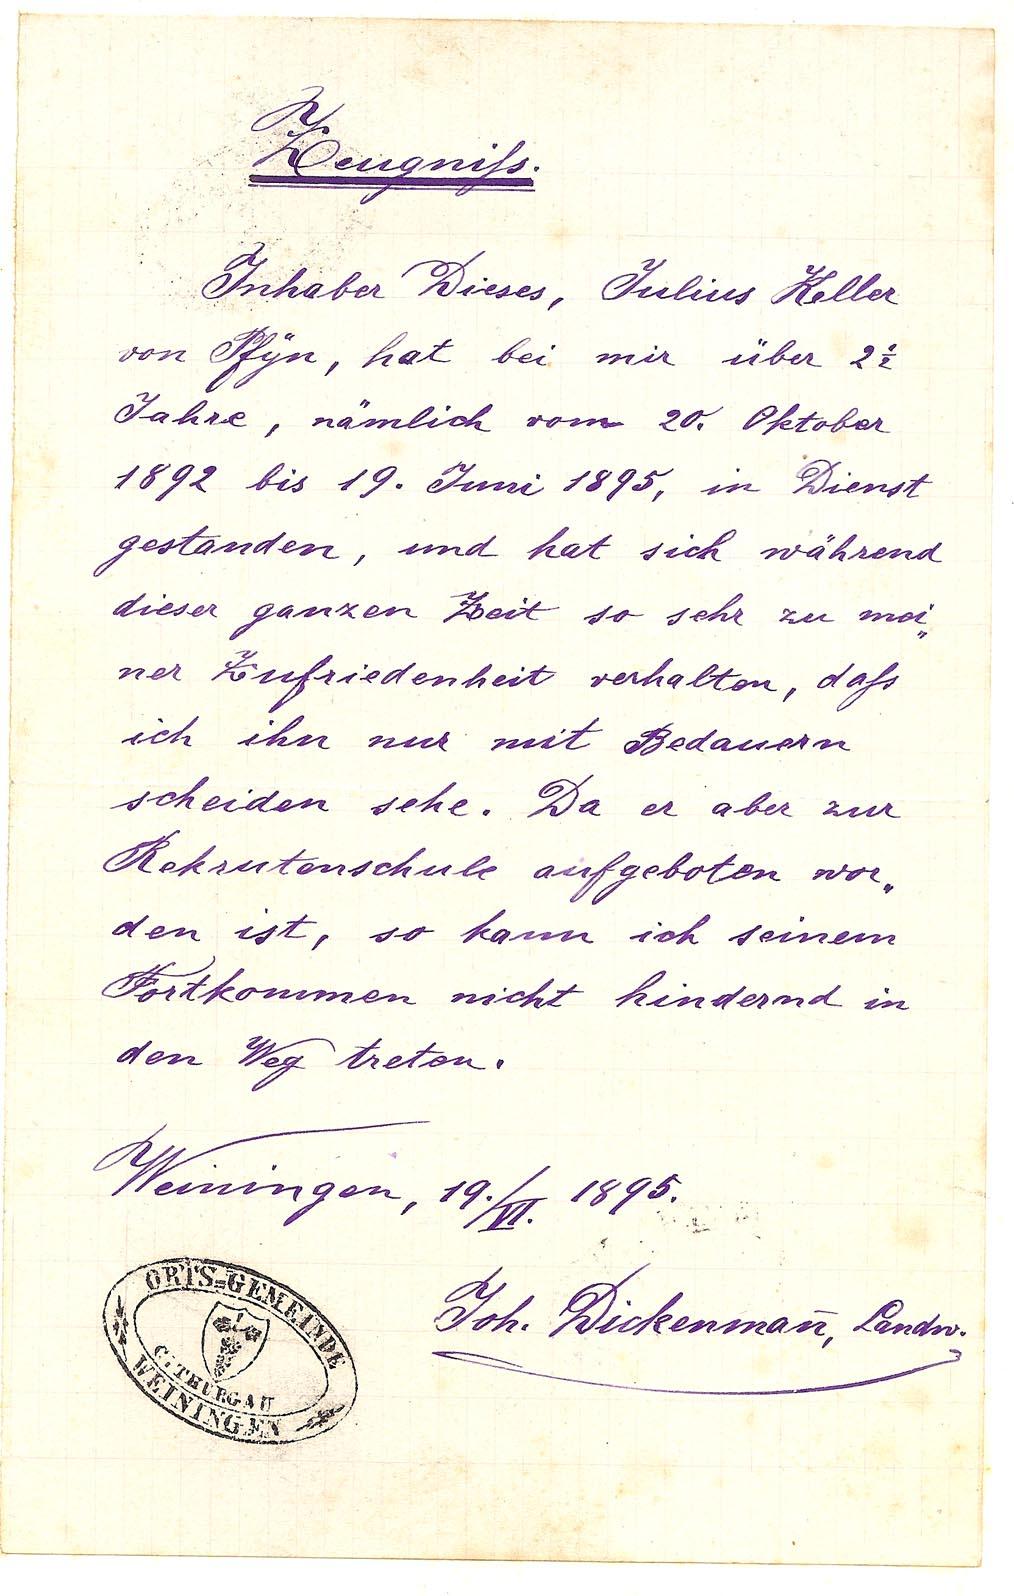 zeugnis-von-julius-keller-weinigen-1895.jpg